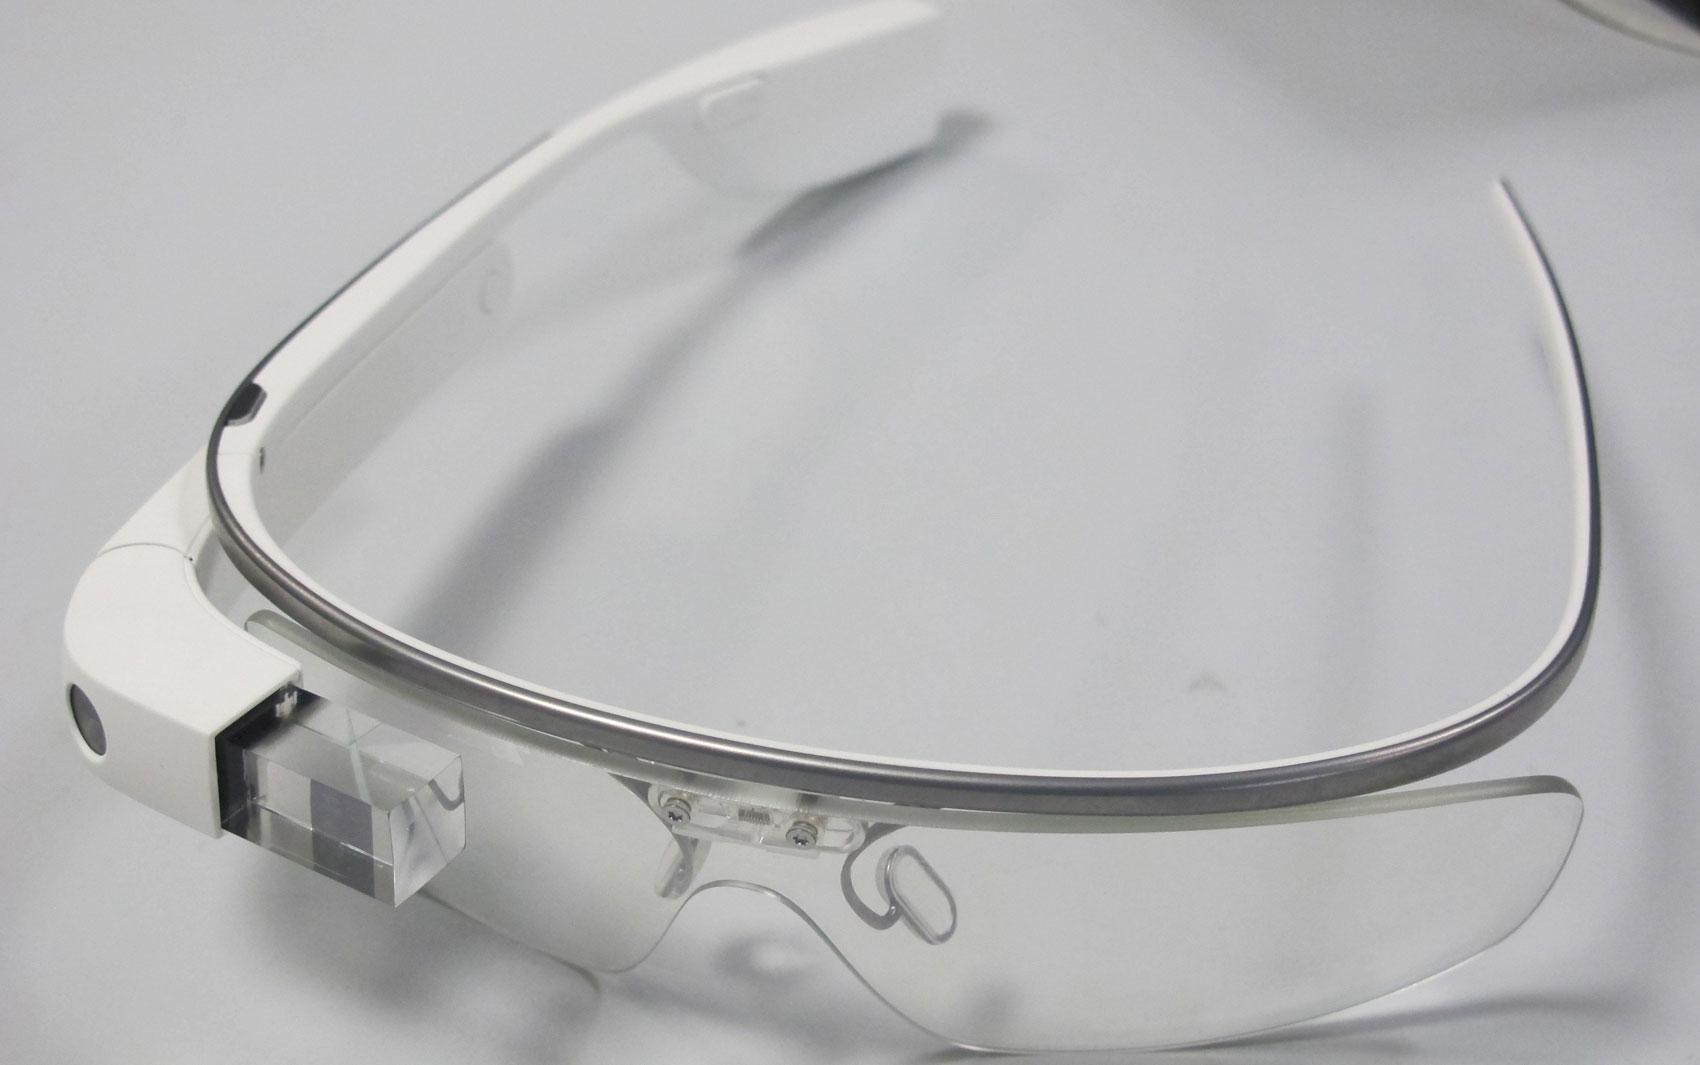 Google Glass, os óculos do futuro do Google